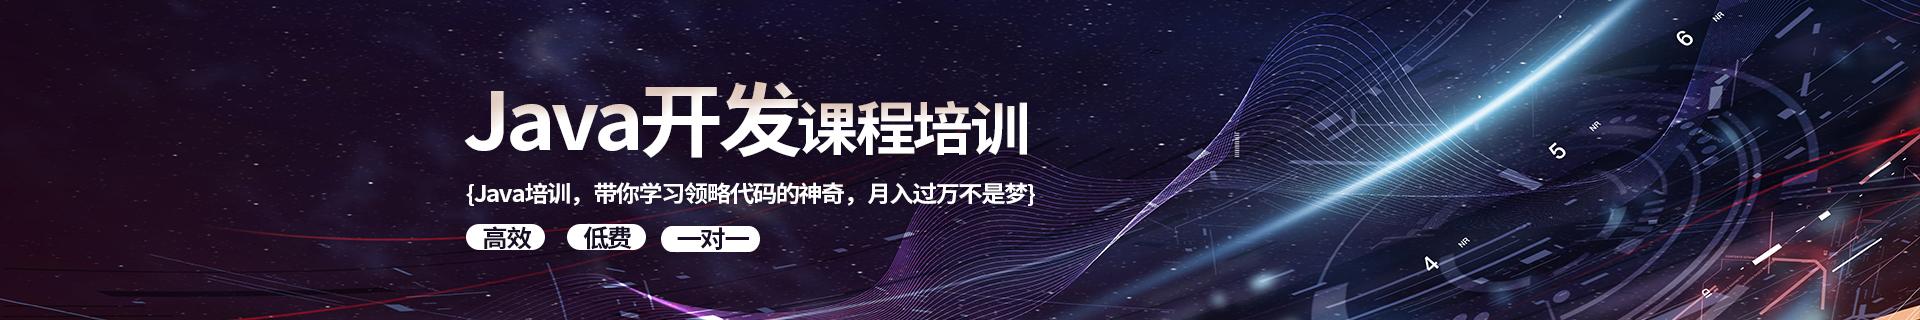 深圳市福田区达内IT培训